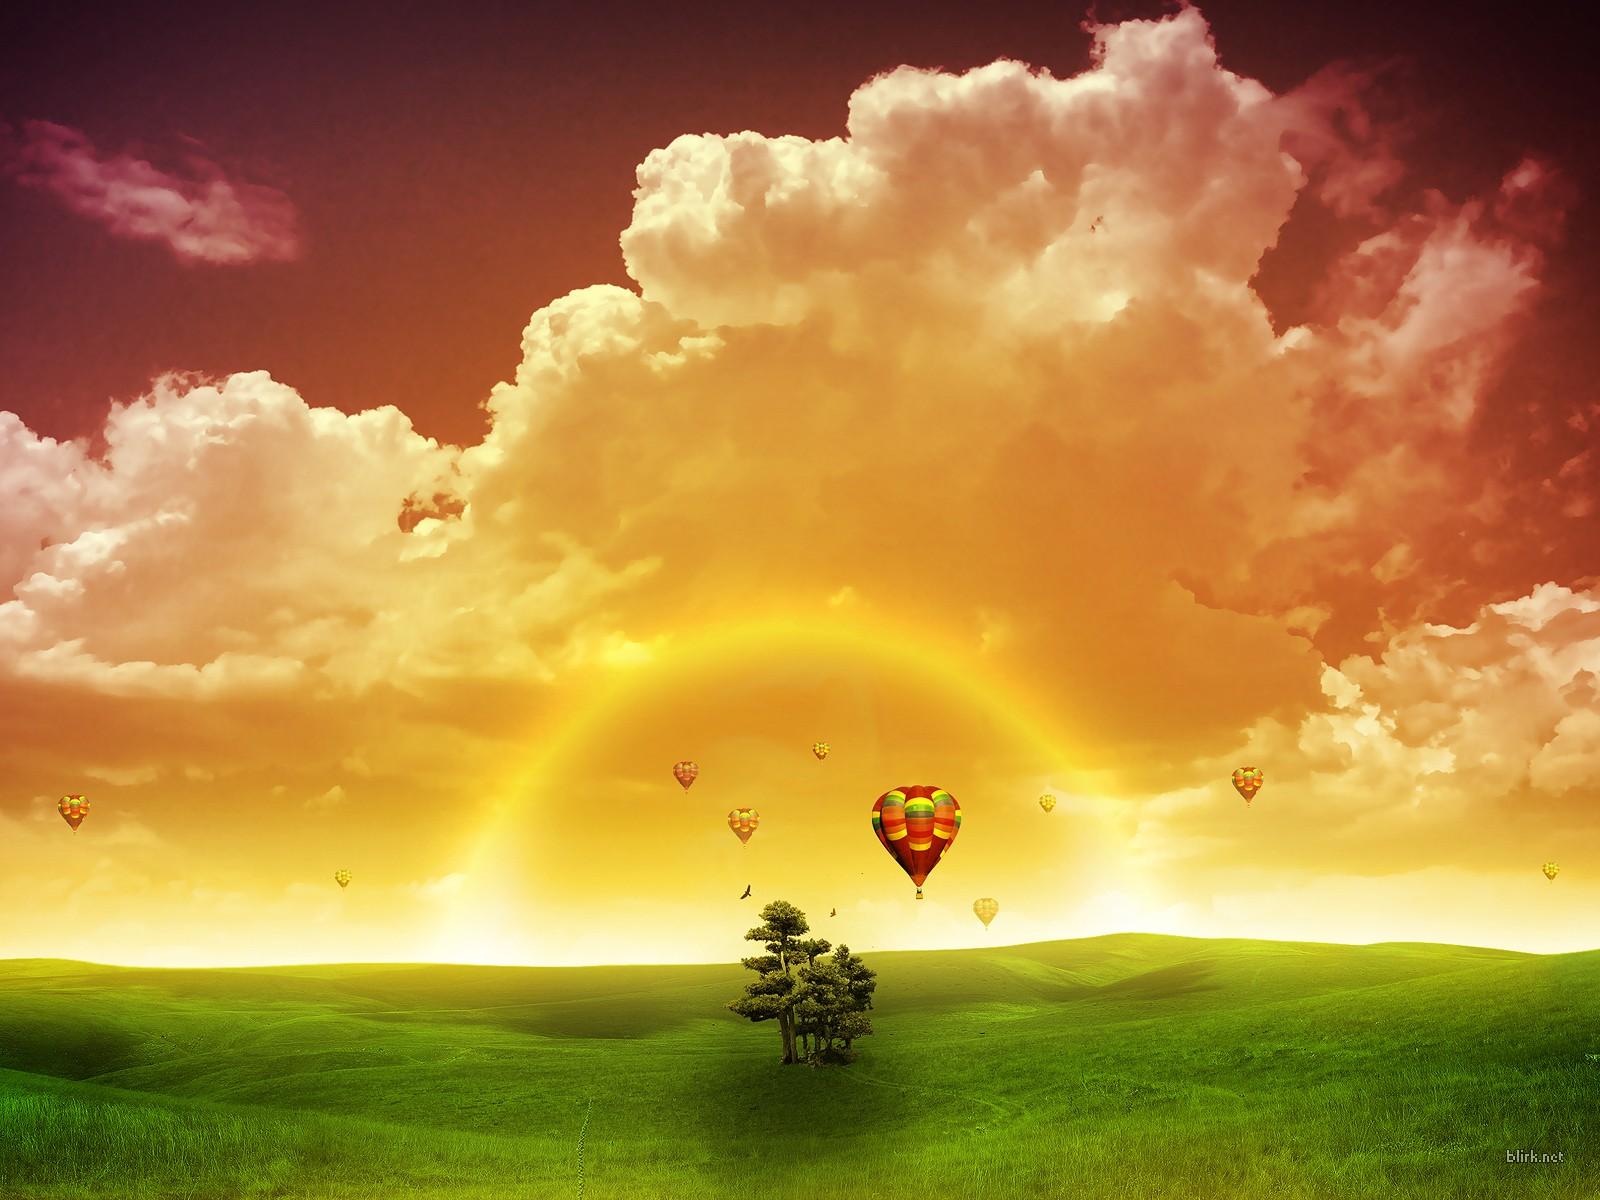 http://3.bp.blogspot.com/_YA8CmyMTHA0/TBPZOkFzKTI/AAAAAAAAAfo/c4V6XJb0dmQ/s1600/balloons-002.jpg